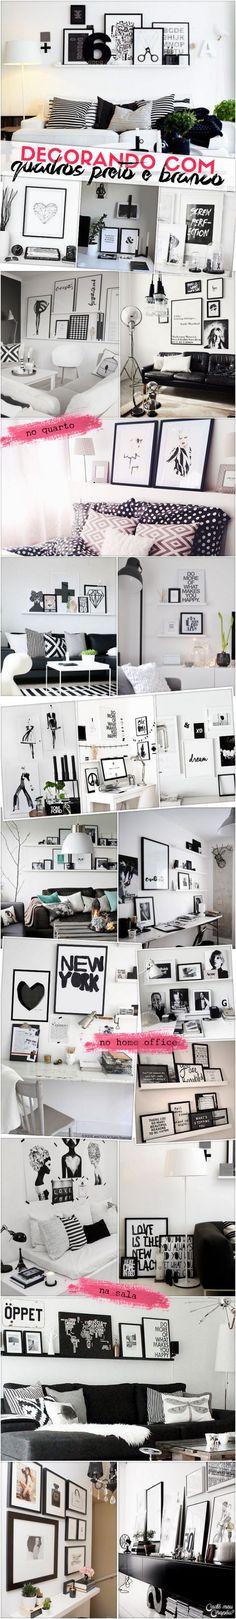 Decoração preto e branco | Black and white decor | http://cademeuchapeu.com: